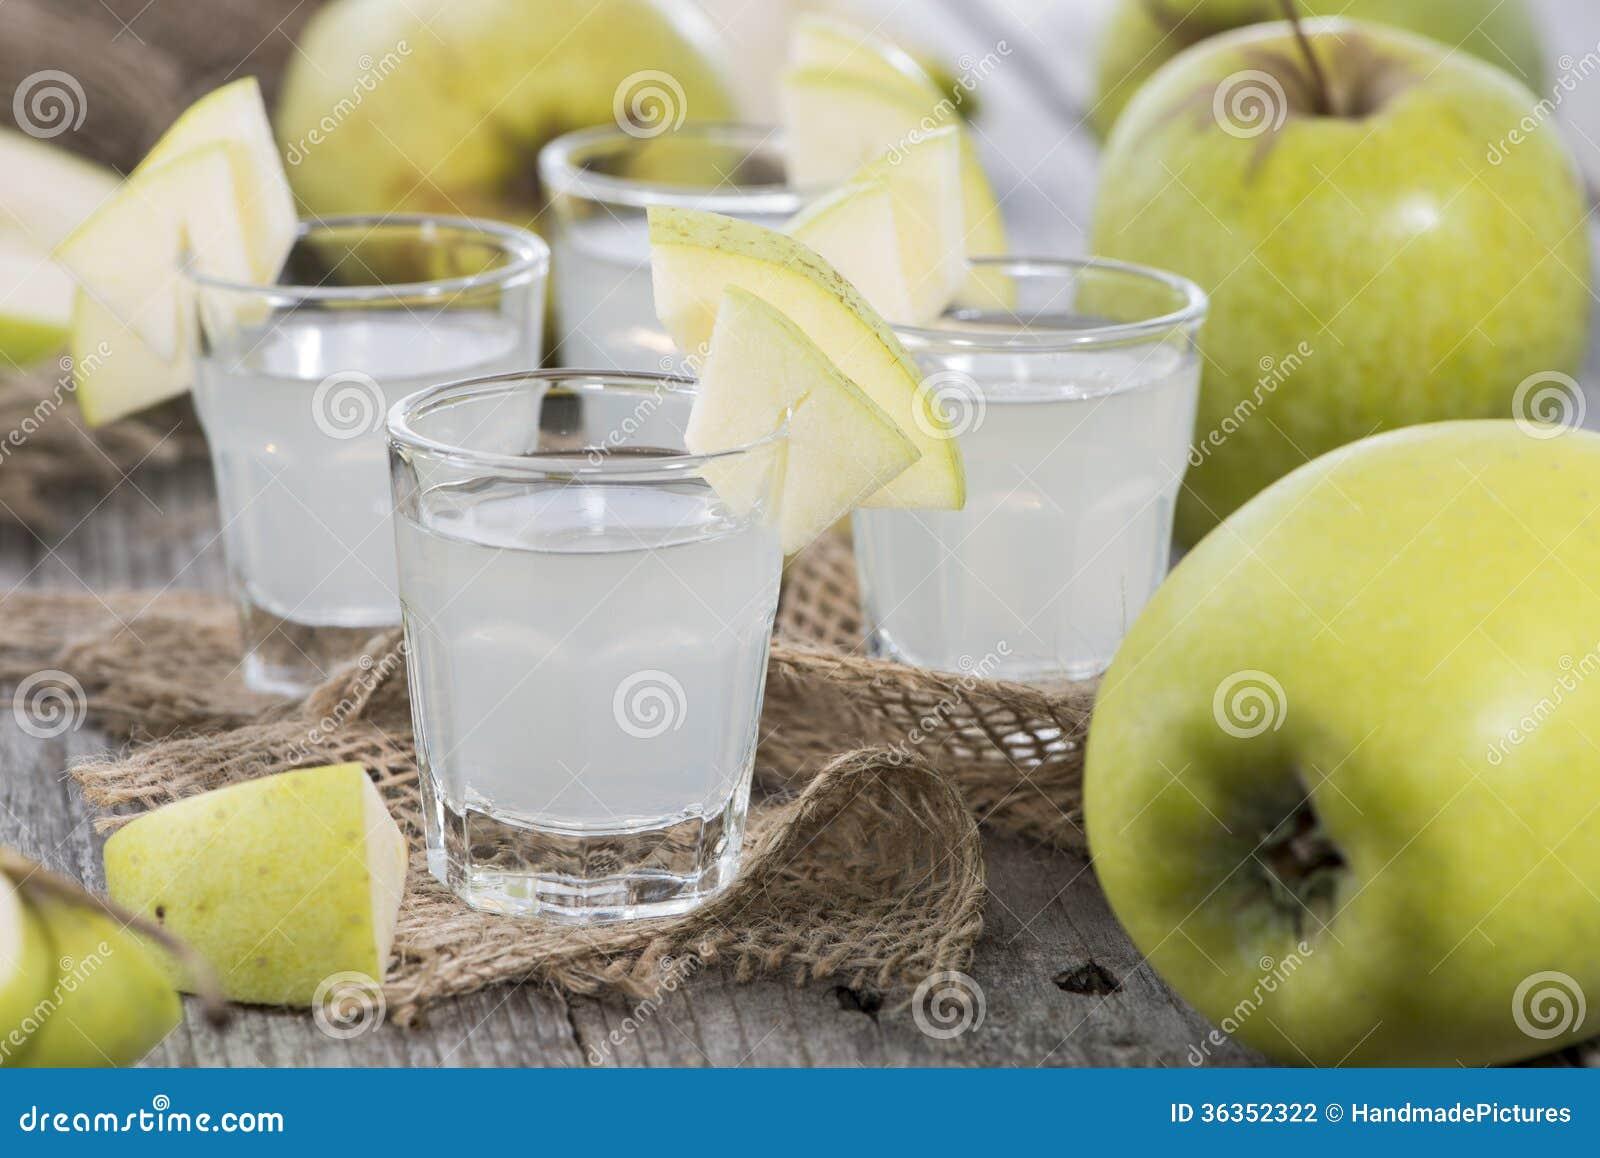 Schoten (Apple-Likeur)